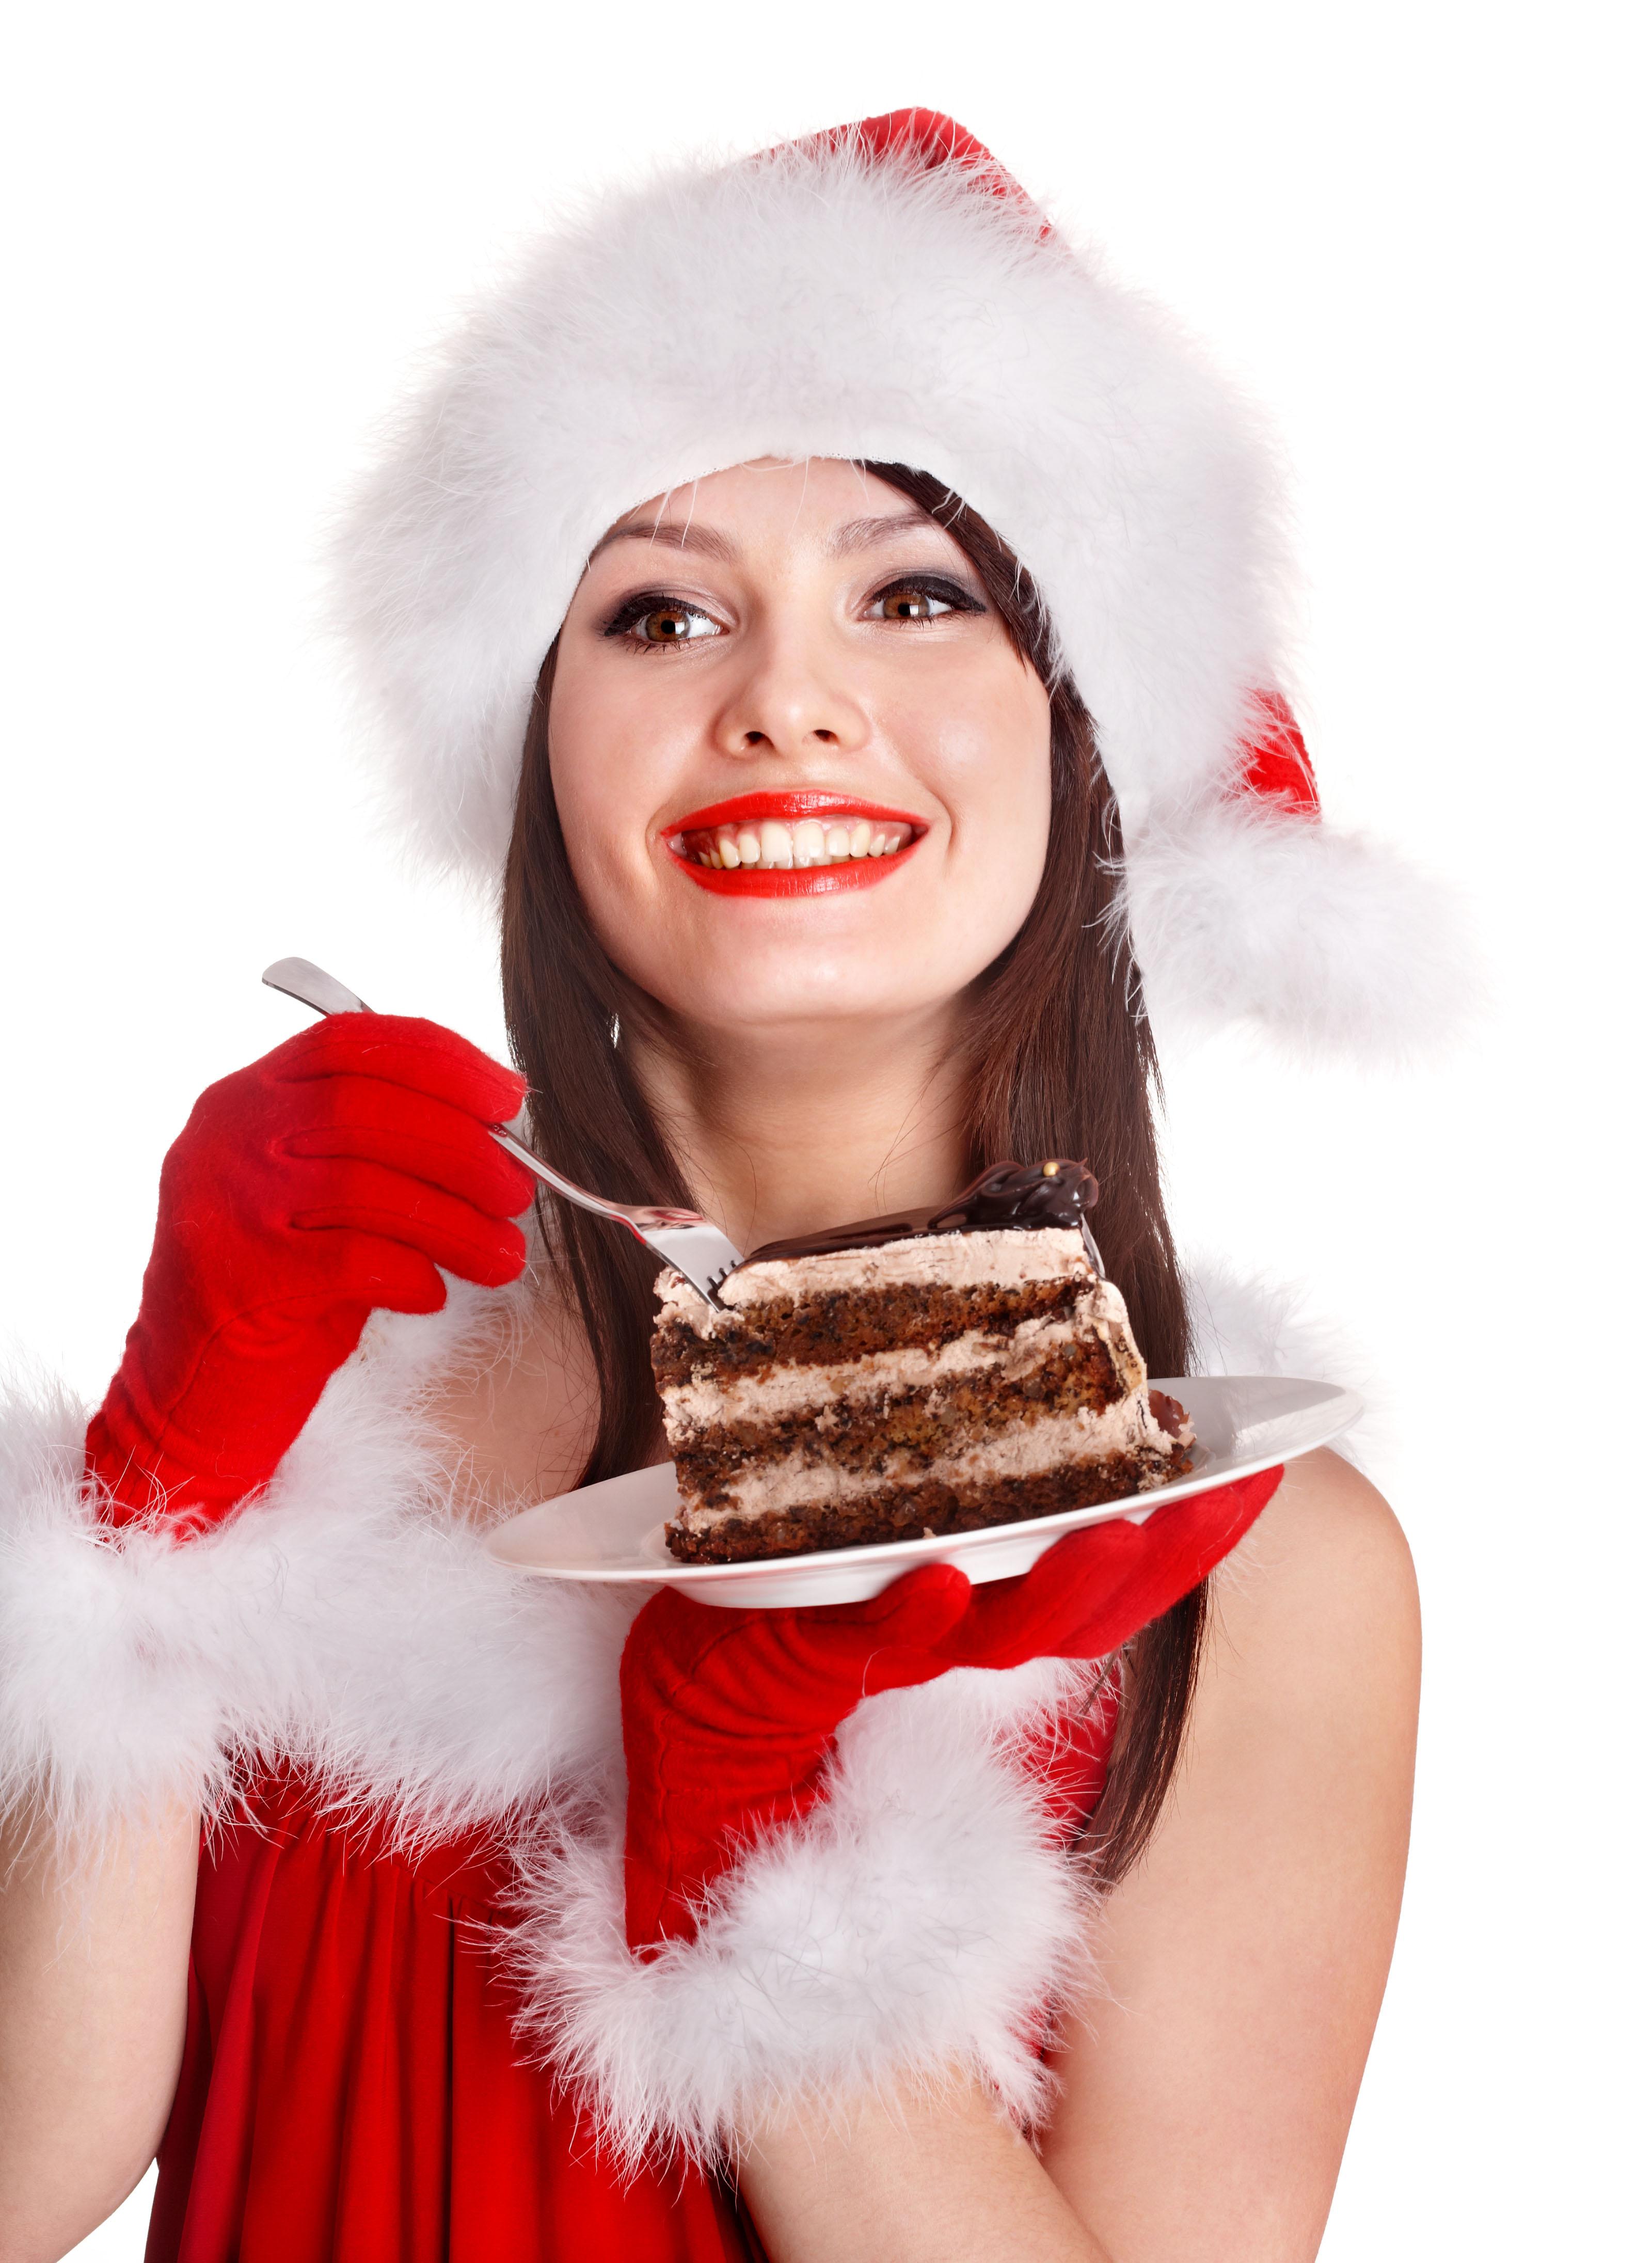 Saboreie o bolo sem culpa! Afinal é Natal! Mas, não exagere na quantidade / GB Imagem